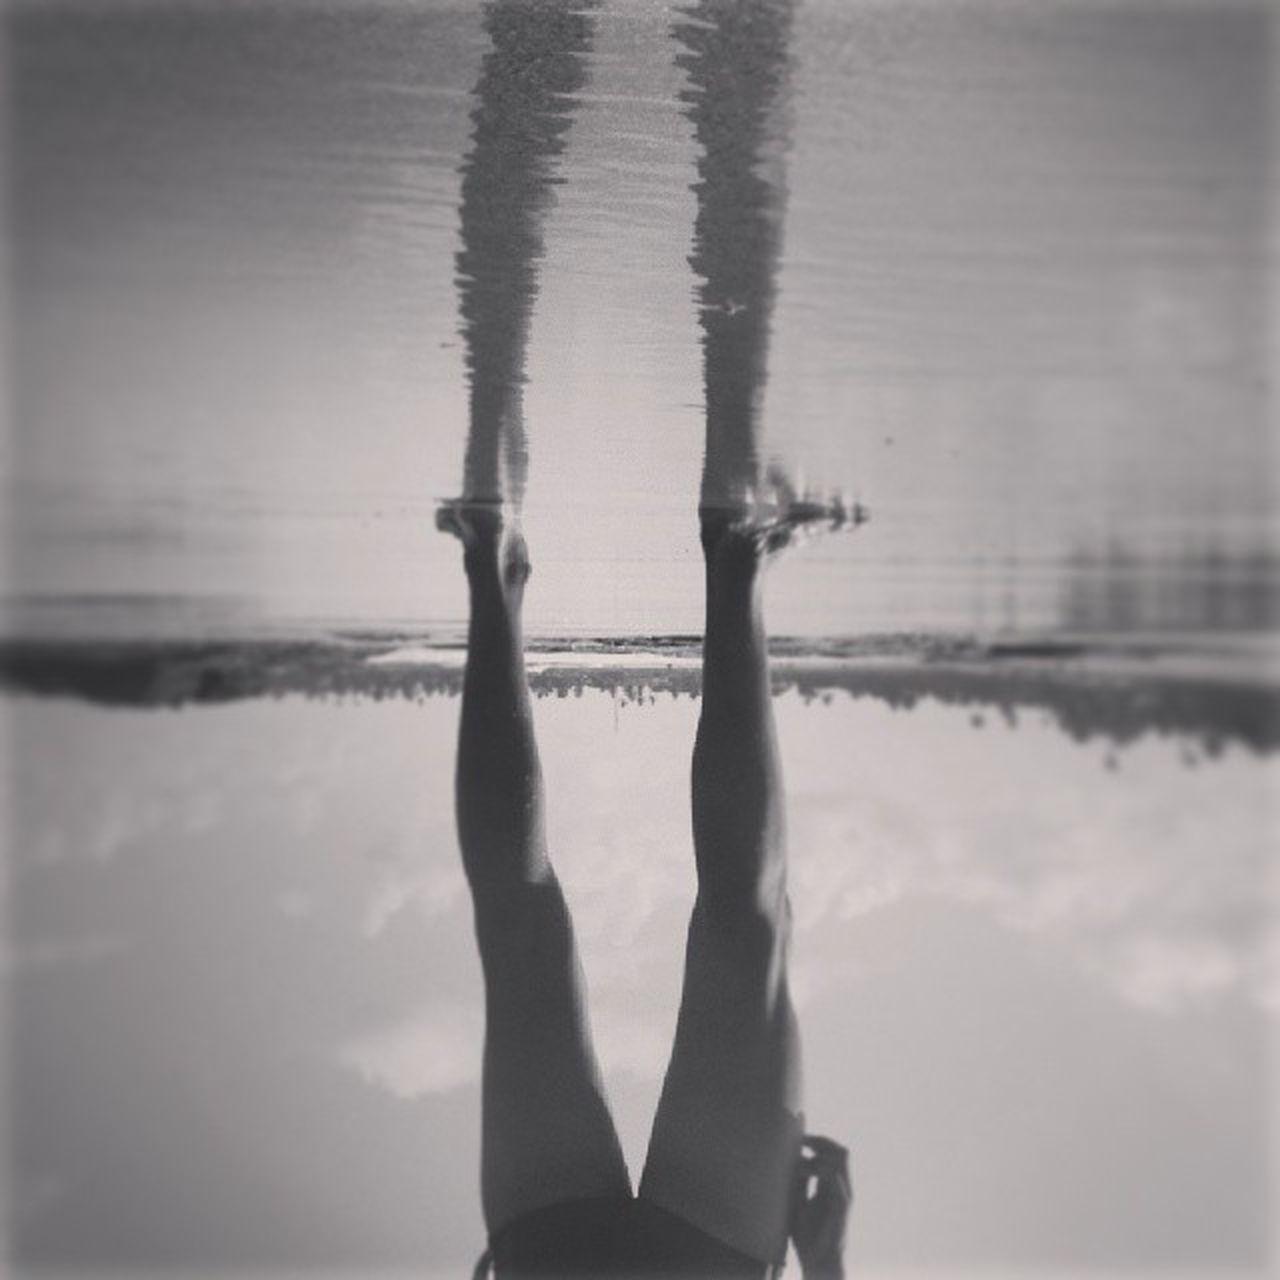 O ambiente nada mais é do que um espelho. Vscocam VSCO Igers Igersbrasil brasilpb baw bw eutonanuvem webstagran amazing mirror beach insta @brasilpb